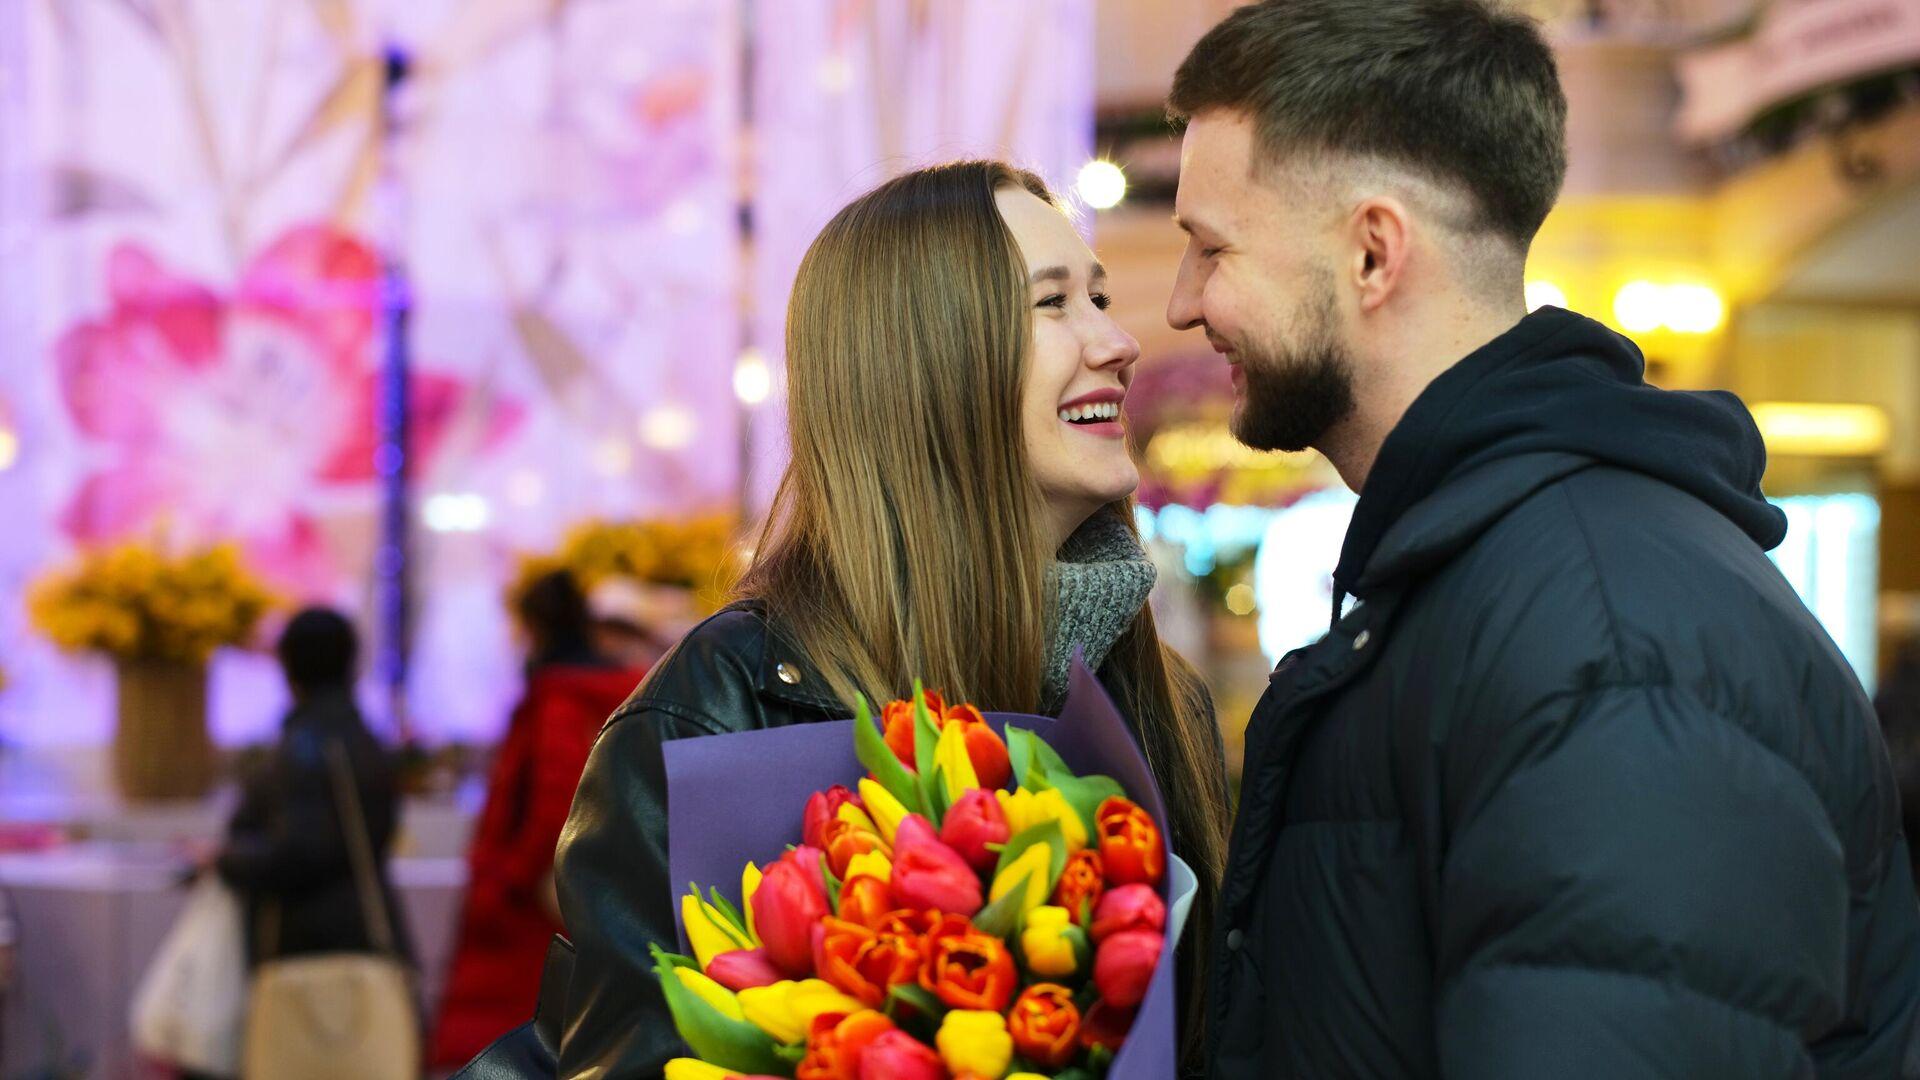 Любовь по сезону. Ученые назвали лучшее время года для свадьбы